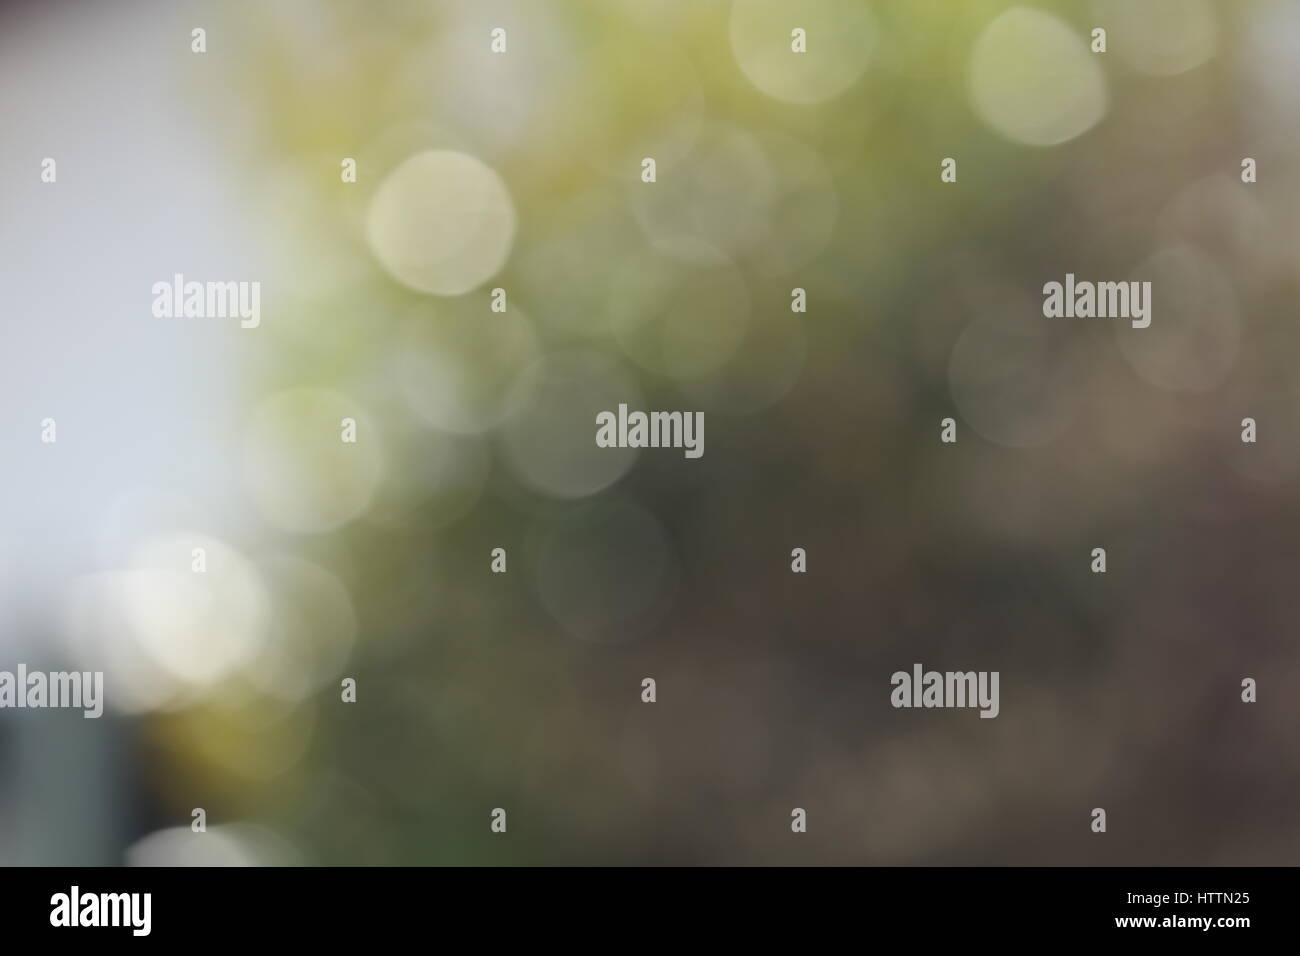 Hintergrund Bokeh Lichtreflexe Weiß Grün gelb Stockbild